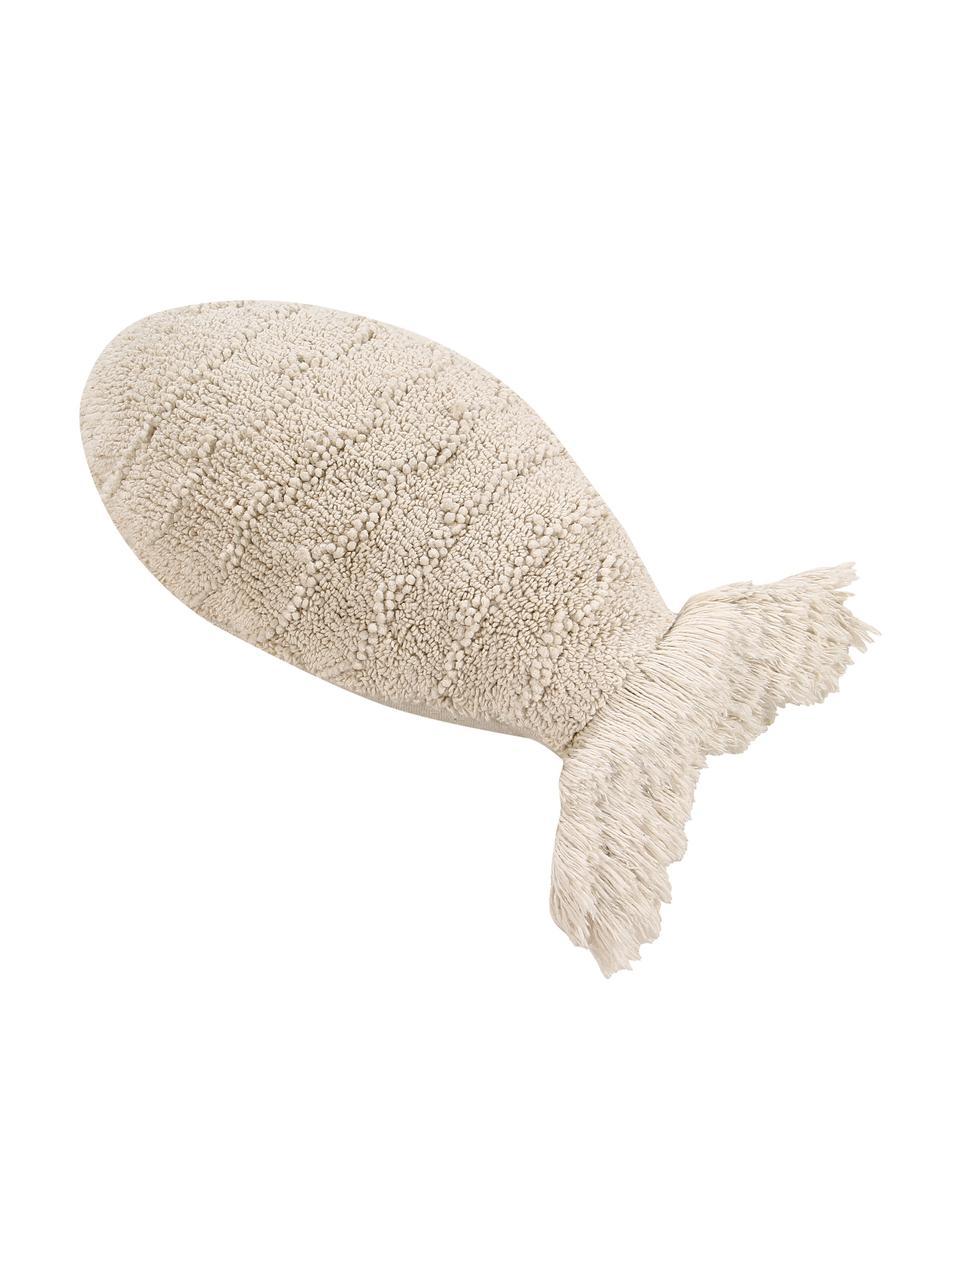 Kissen Baby Fish, mit Inlett, Bezug: 97% Baumwolle, 3% recycel, Beige, 30 x 60 cm